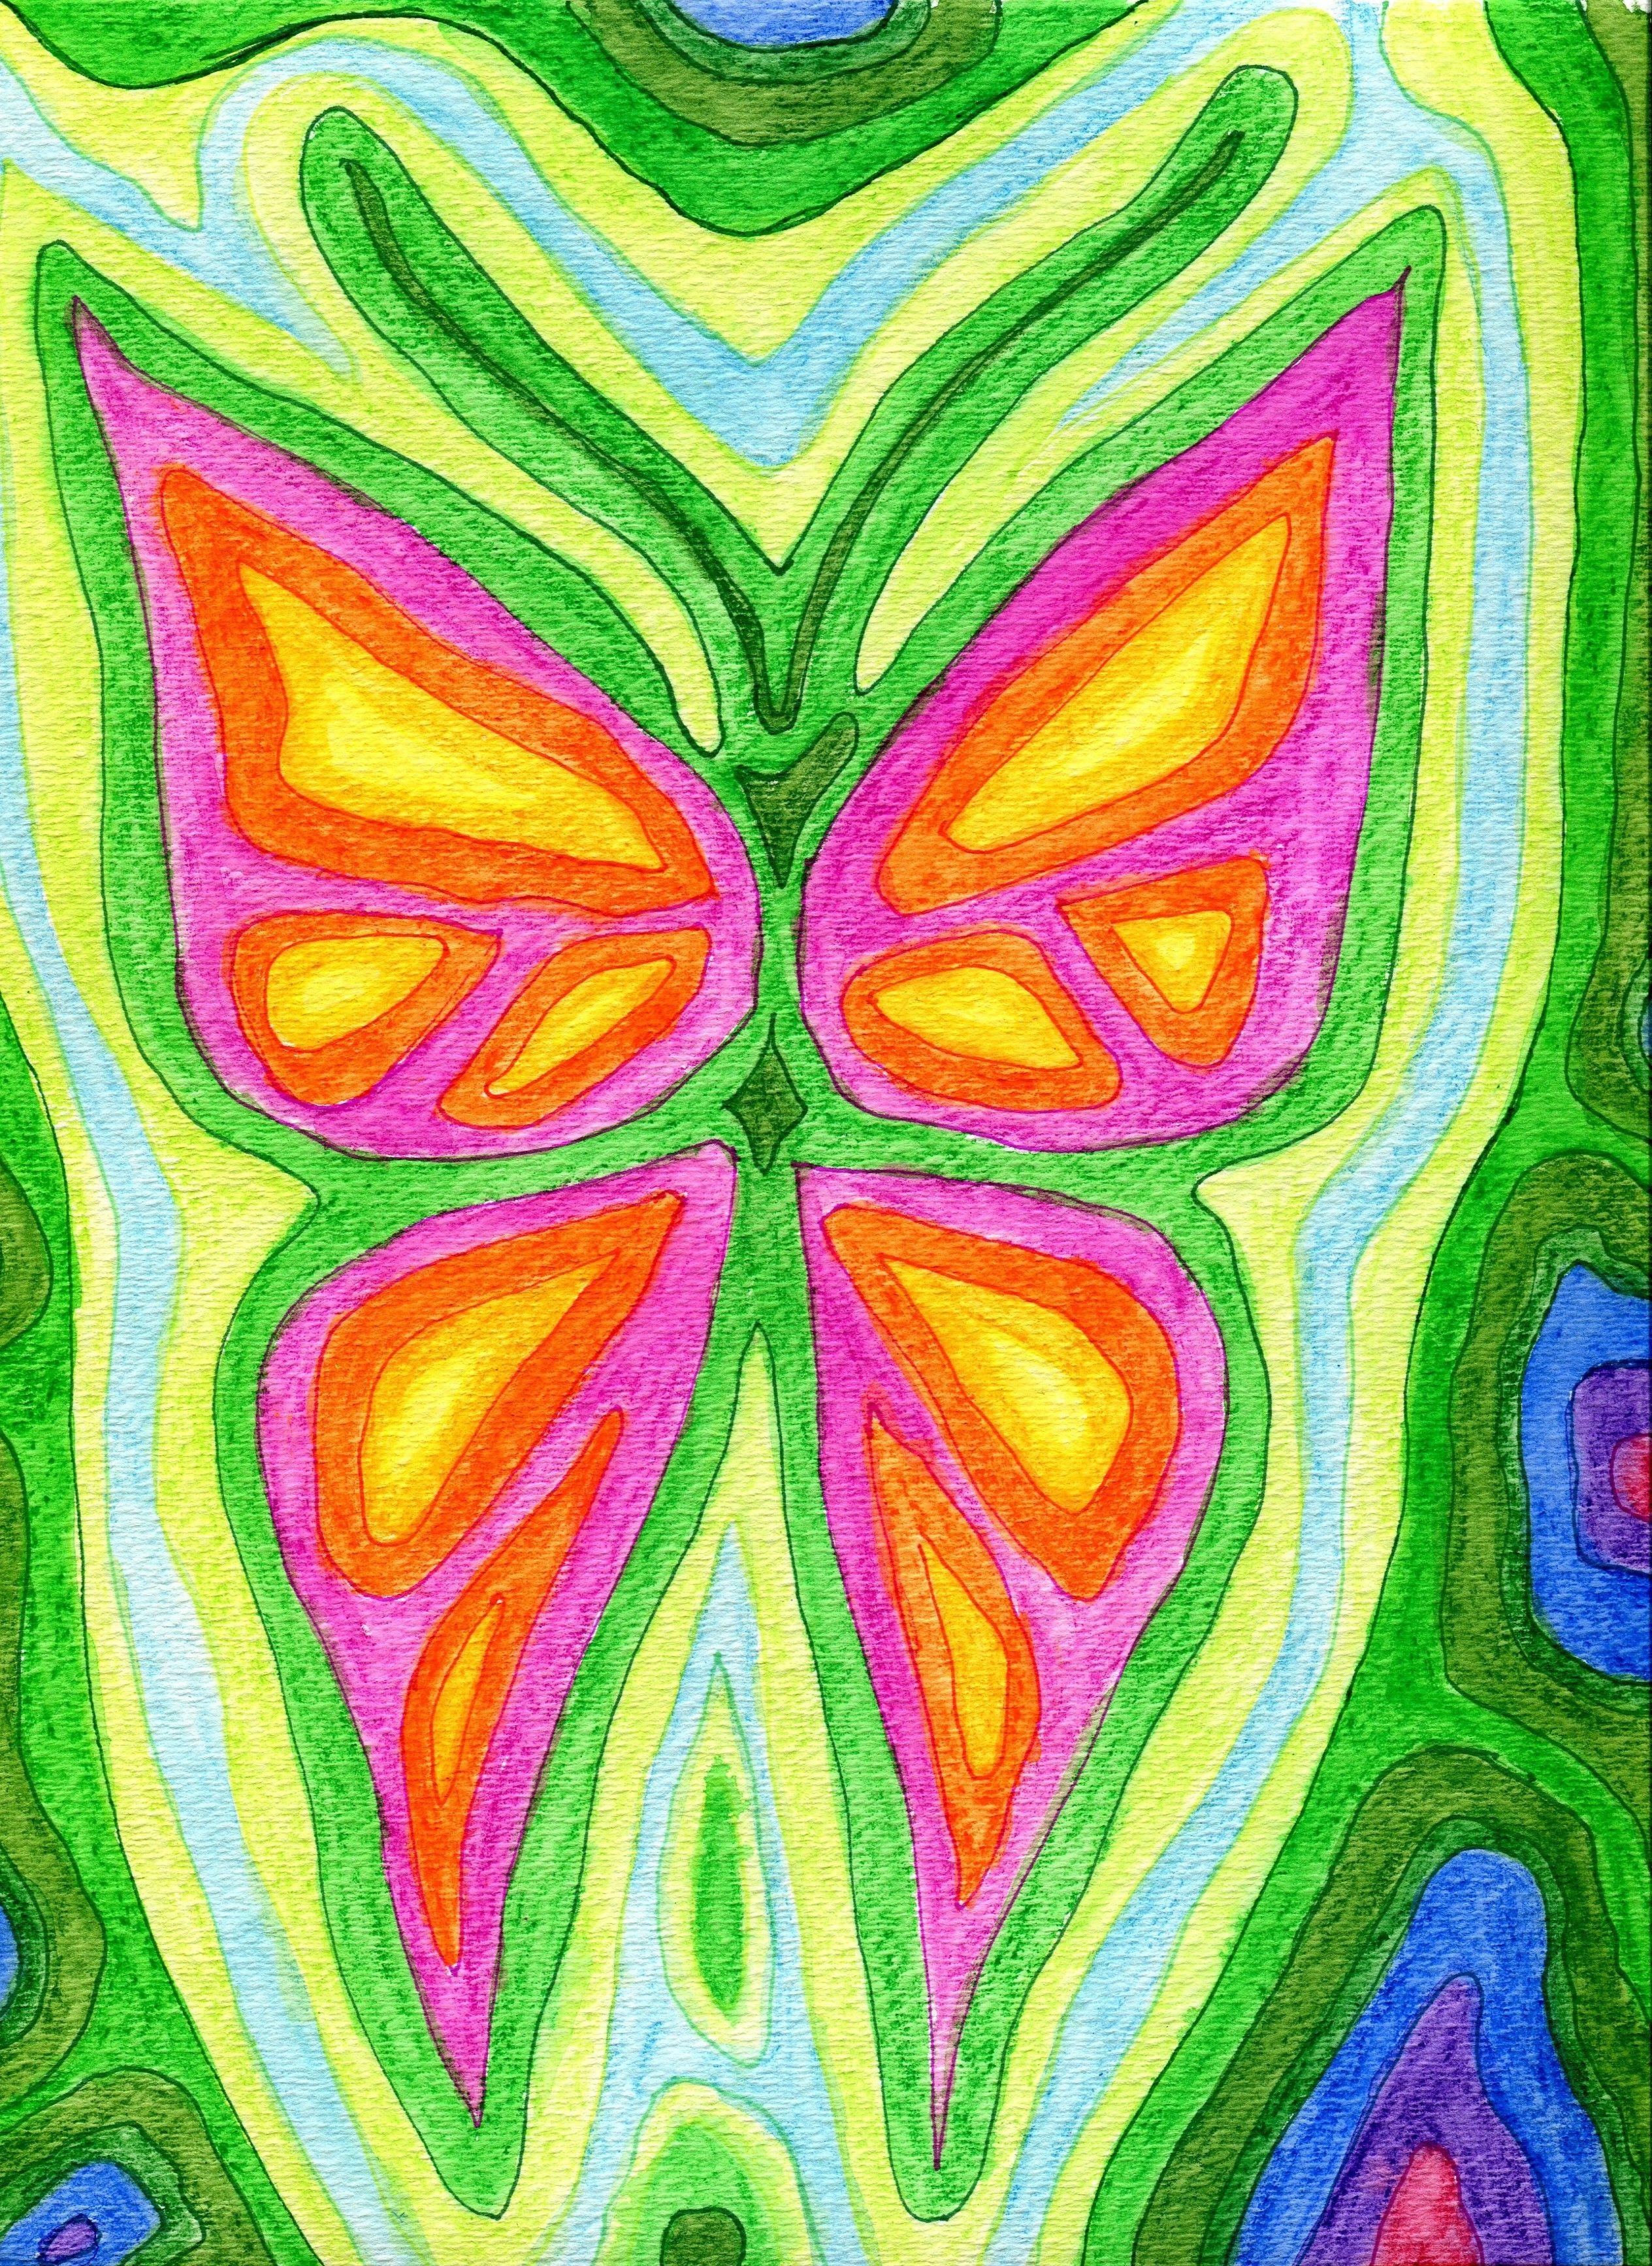 Watercolor Crayon